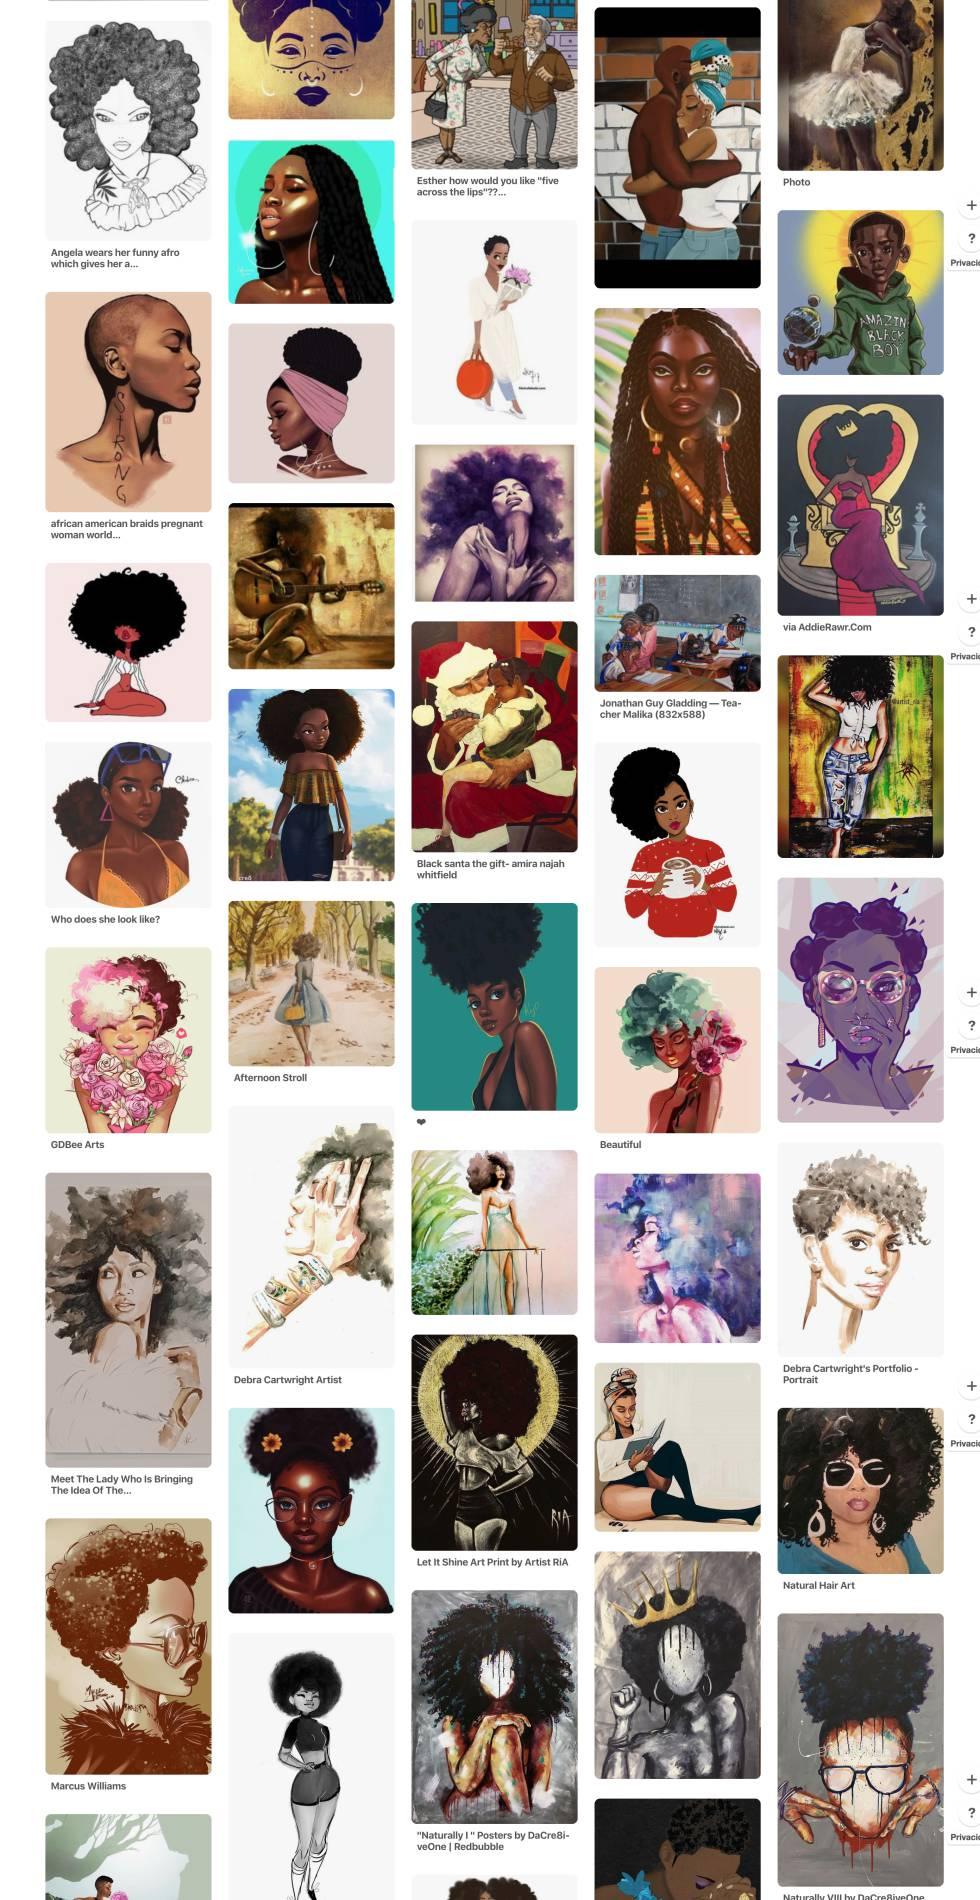 En Pinterest la temática del estilo afro es muy habitual, Black Afro Art es el nombre de este tablero.